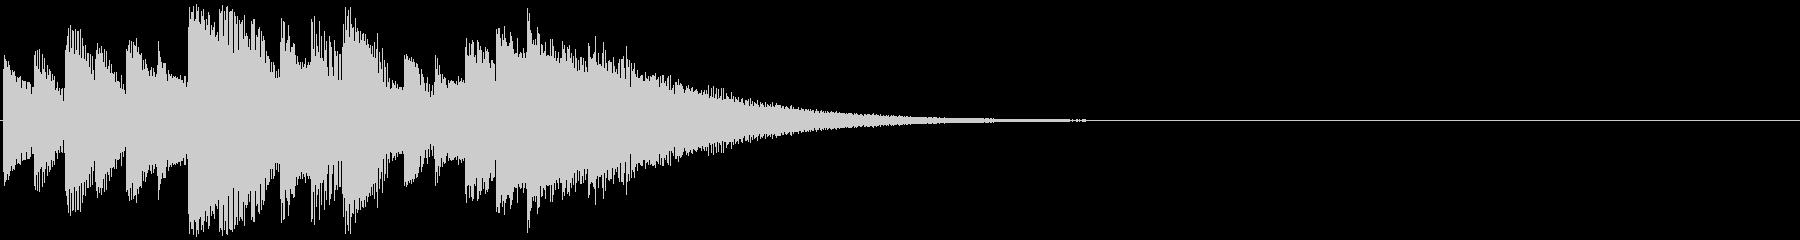 シンセアルペジオ、お知らせ、着信音の未再生の波形